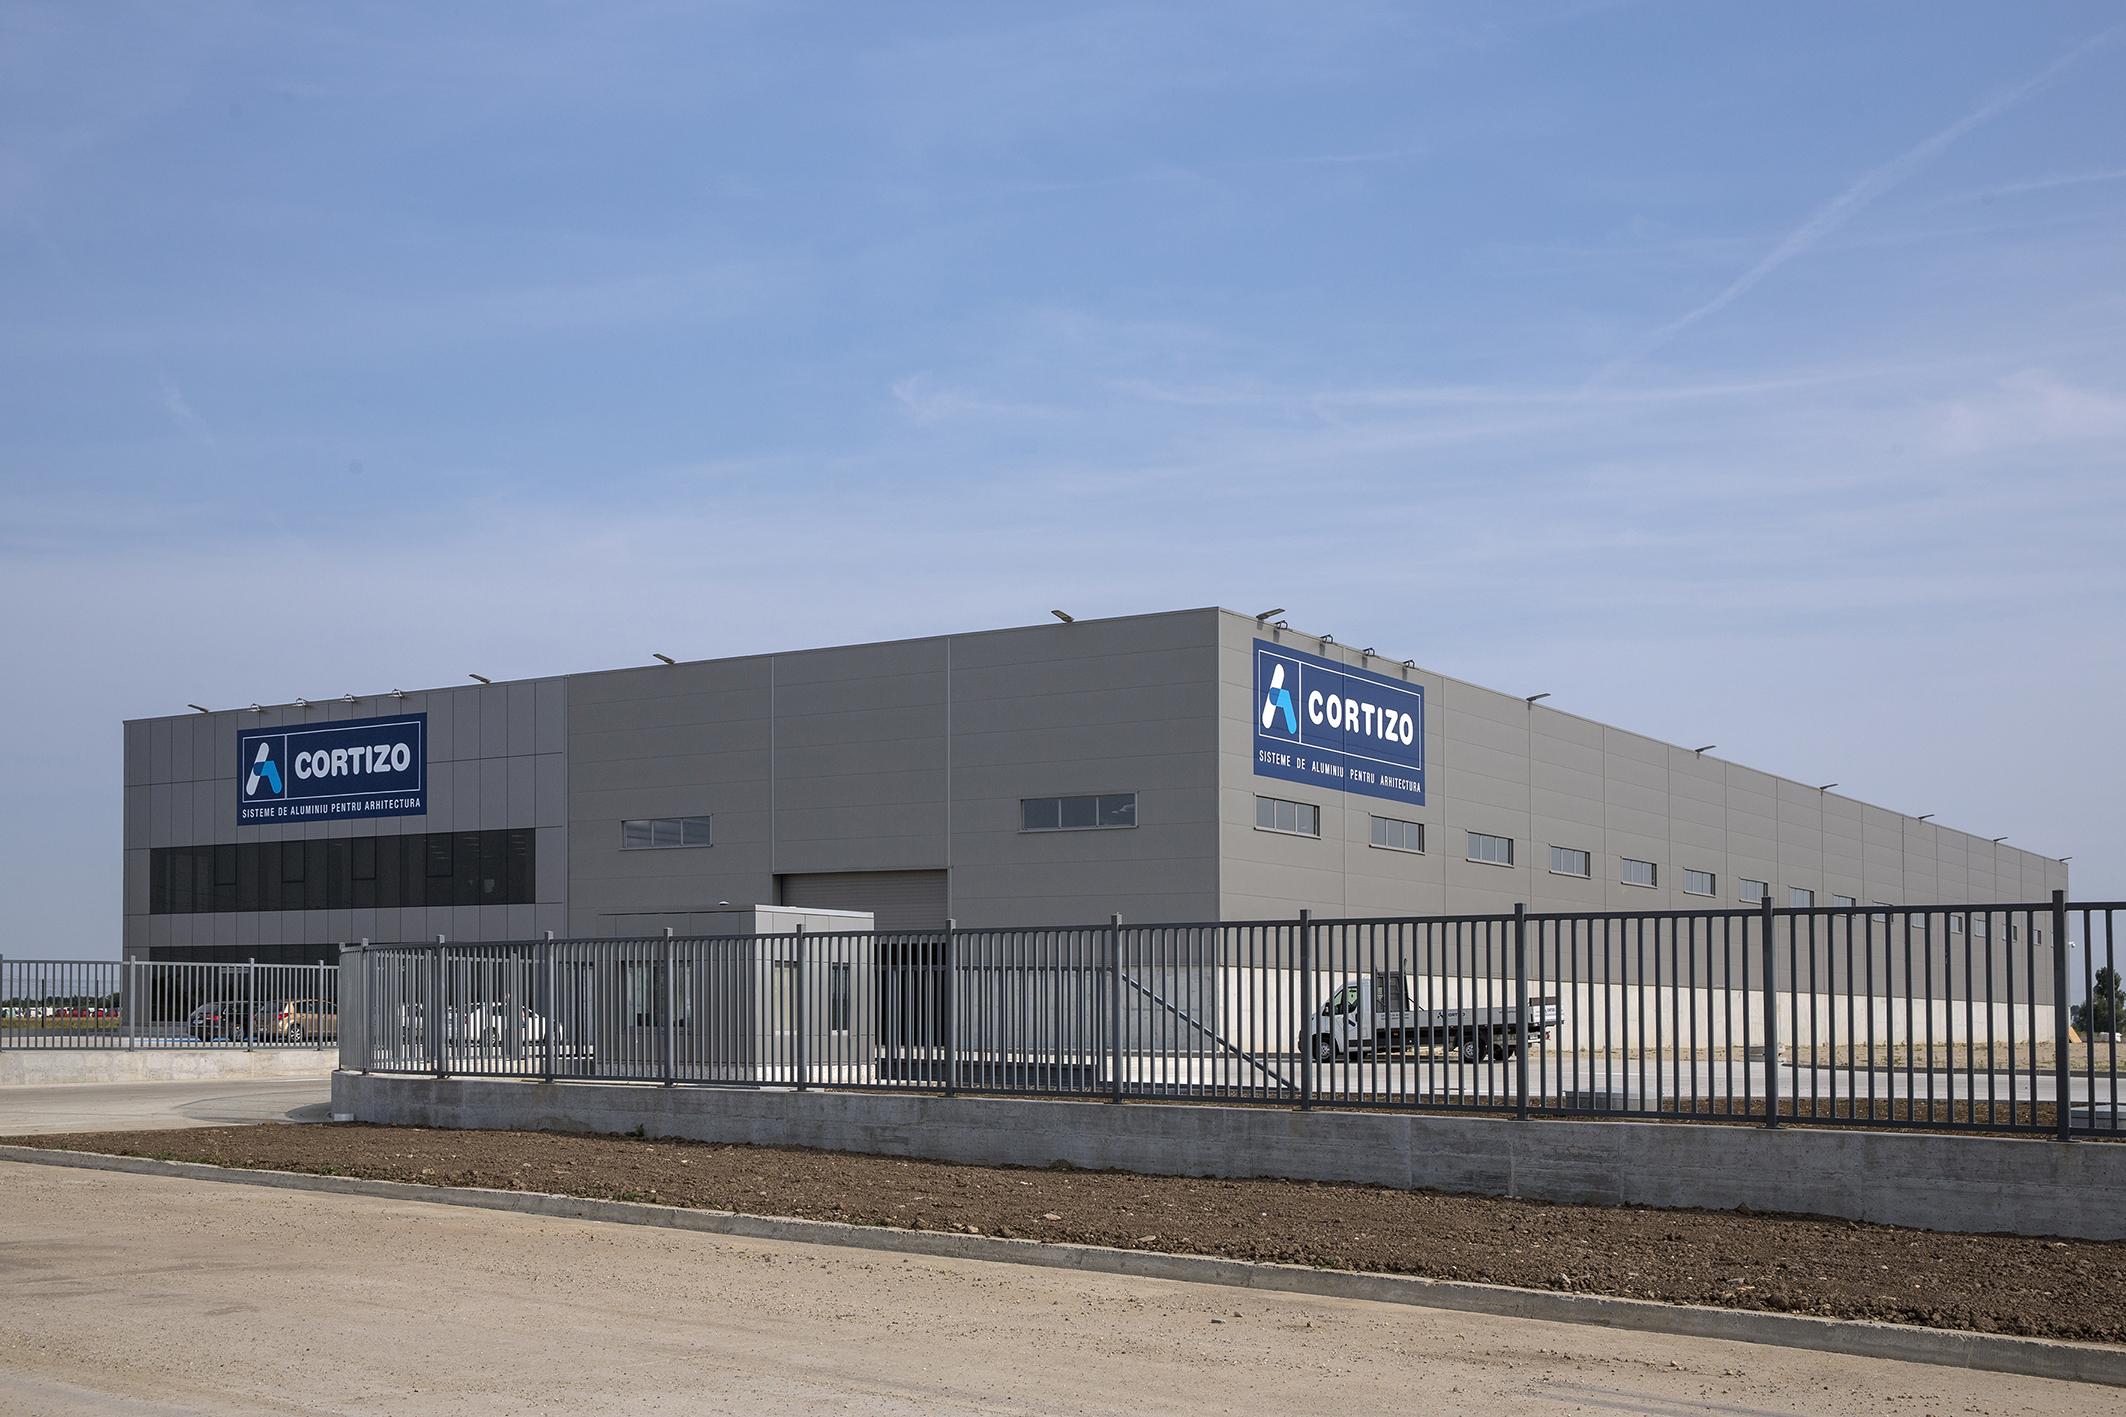 CORTIZO abre un nuevo Centro Logístico con planta de lacado en Bucarest